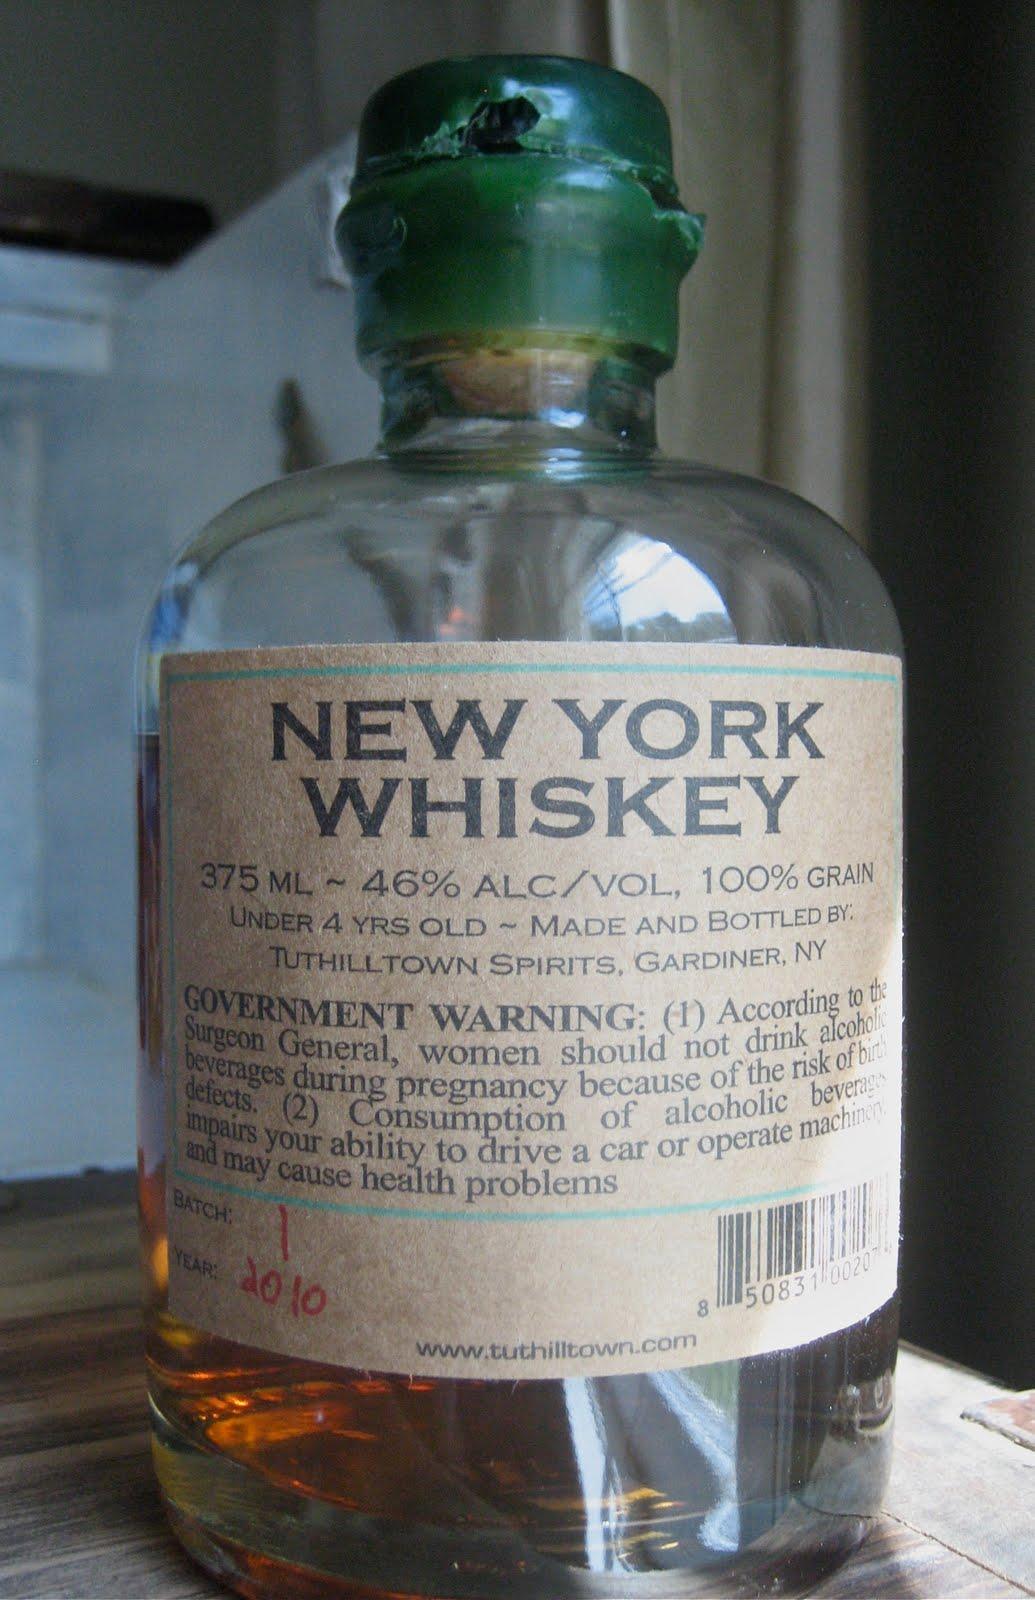 http://4.bp.blogspot.com/_NWrOHAFO-r0/TF93ddKBCJI/AAAAAAAAAjk/8ZfRatT1fzU/s1600/NYWhiskeyTuthilltown.jpg